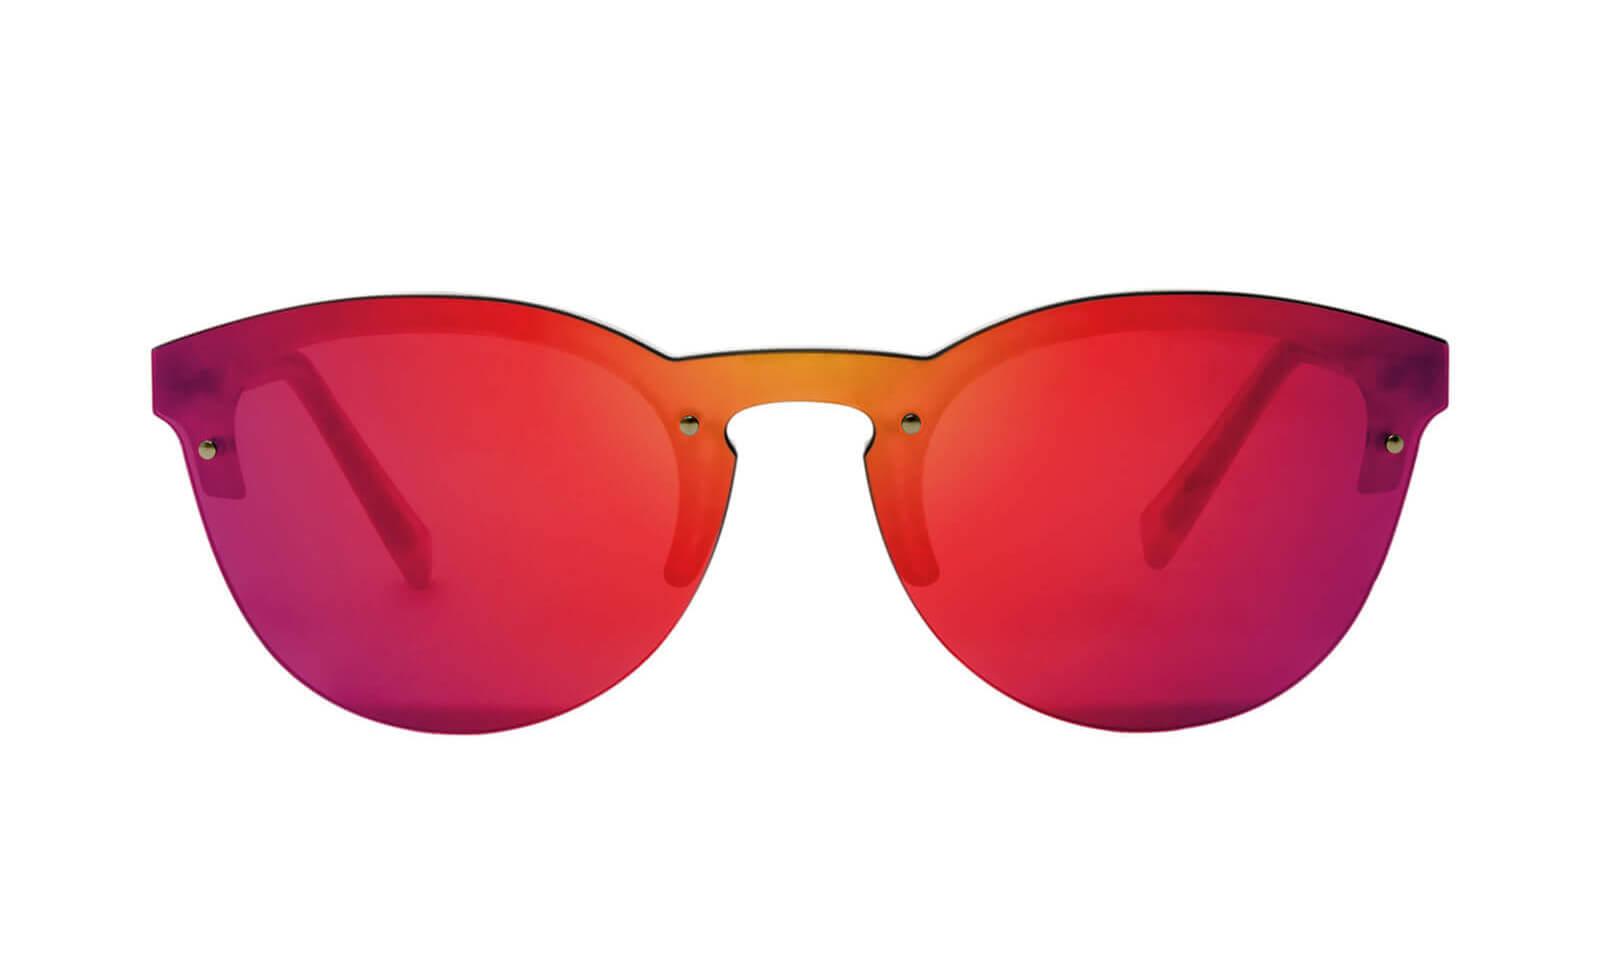 Protector Eyewear